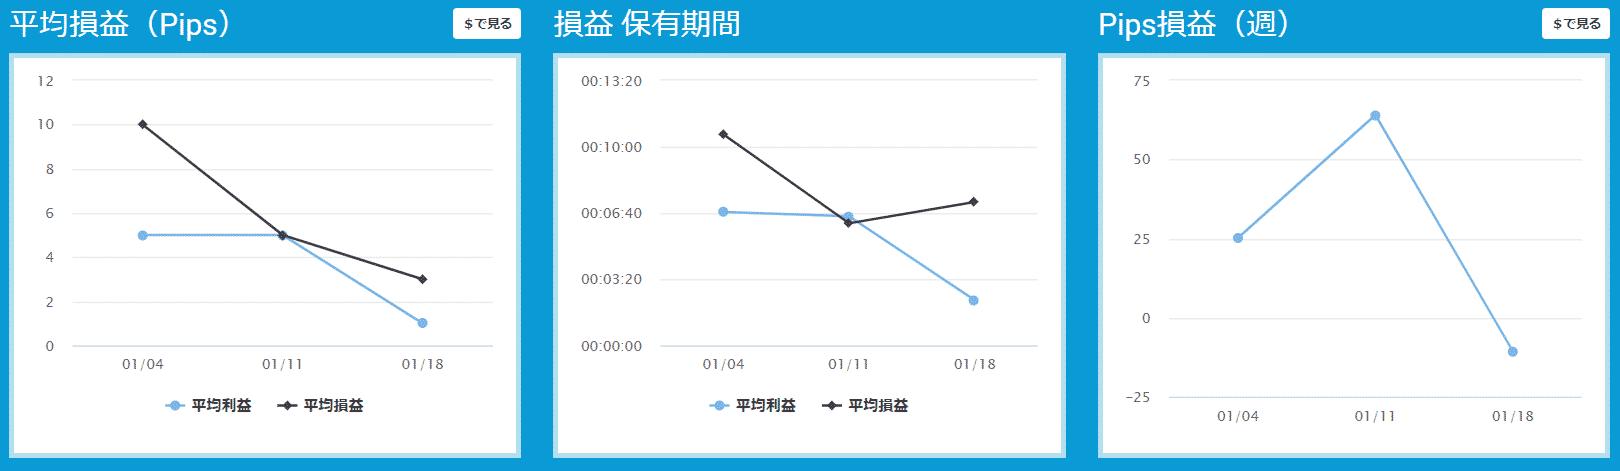 プロップトレーダーチャートTaka2